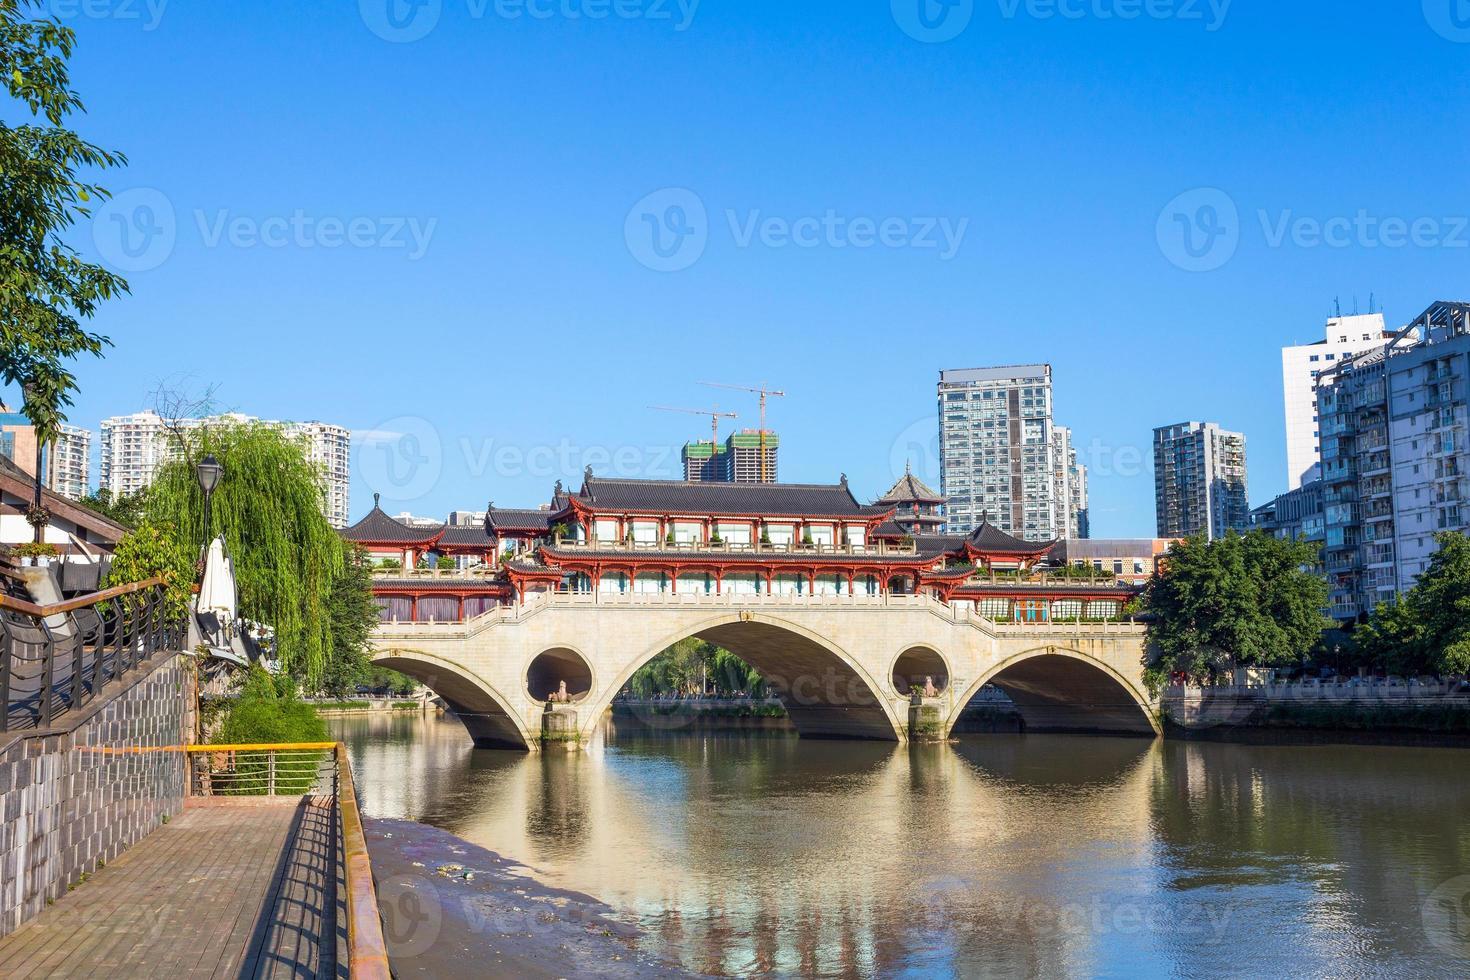 Puente vintage en la ciudad moderna de chengdu foto